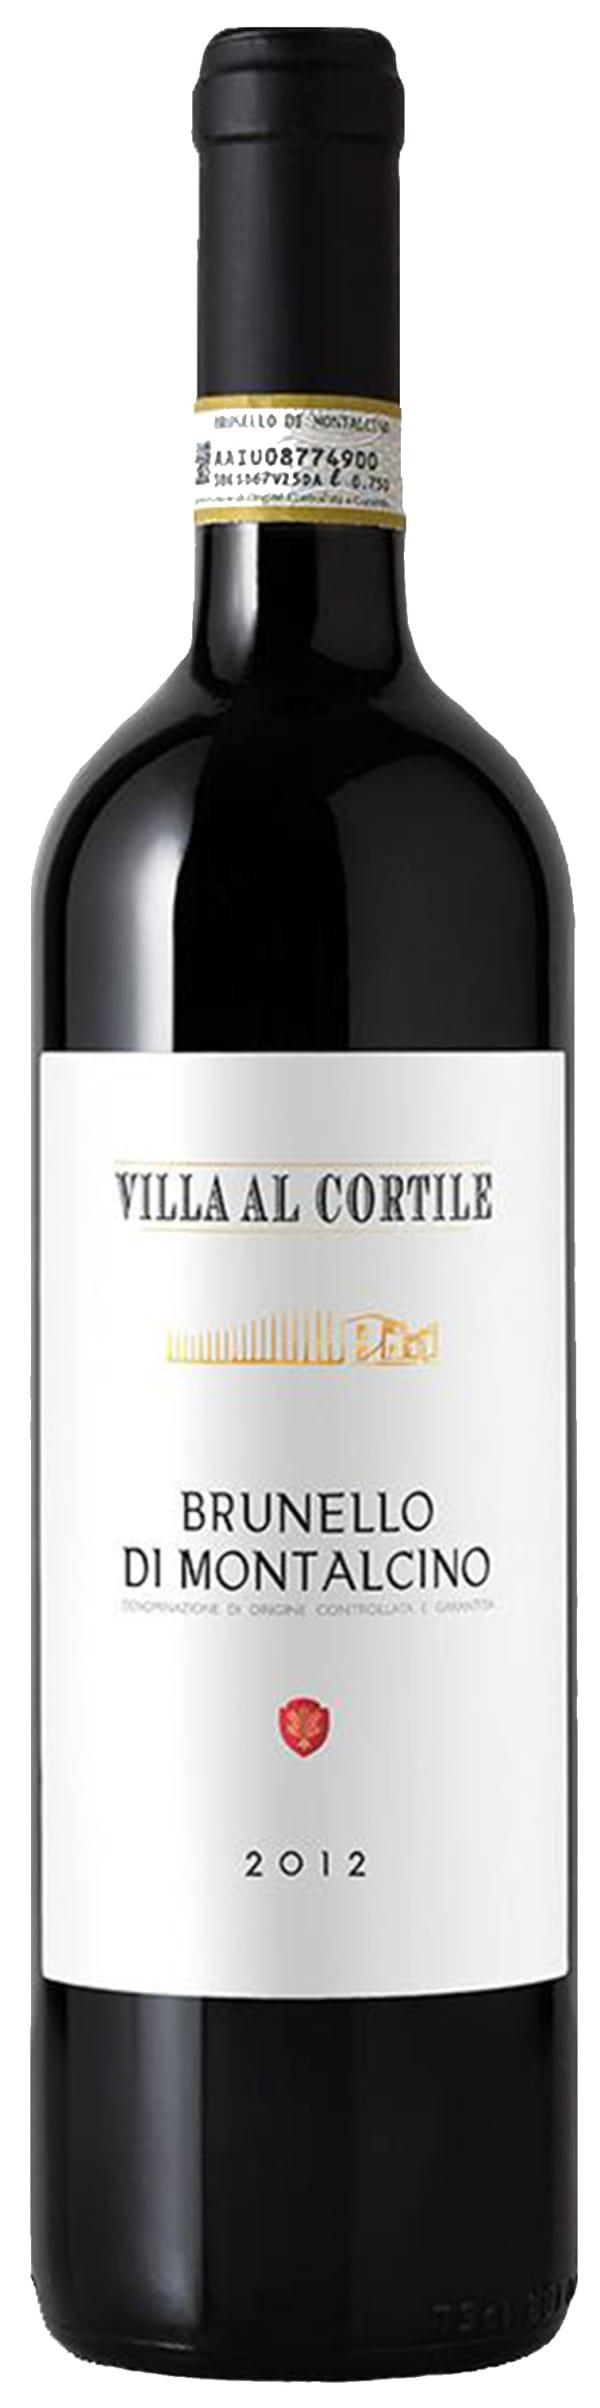 Villa al Cortile Brunello di Montalcino  2014